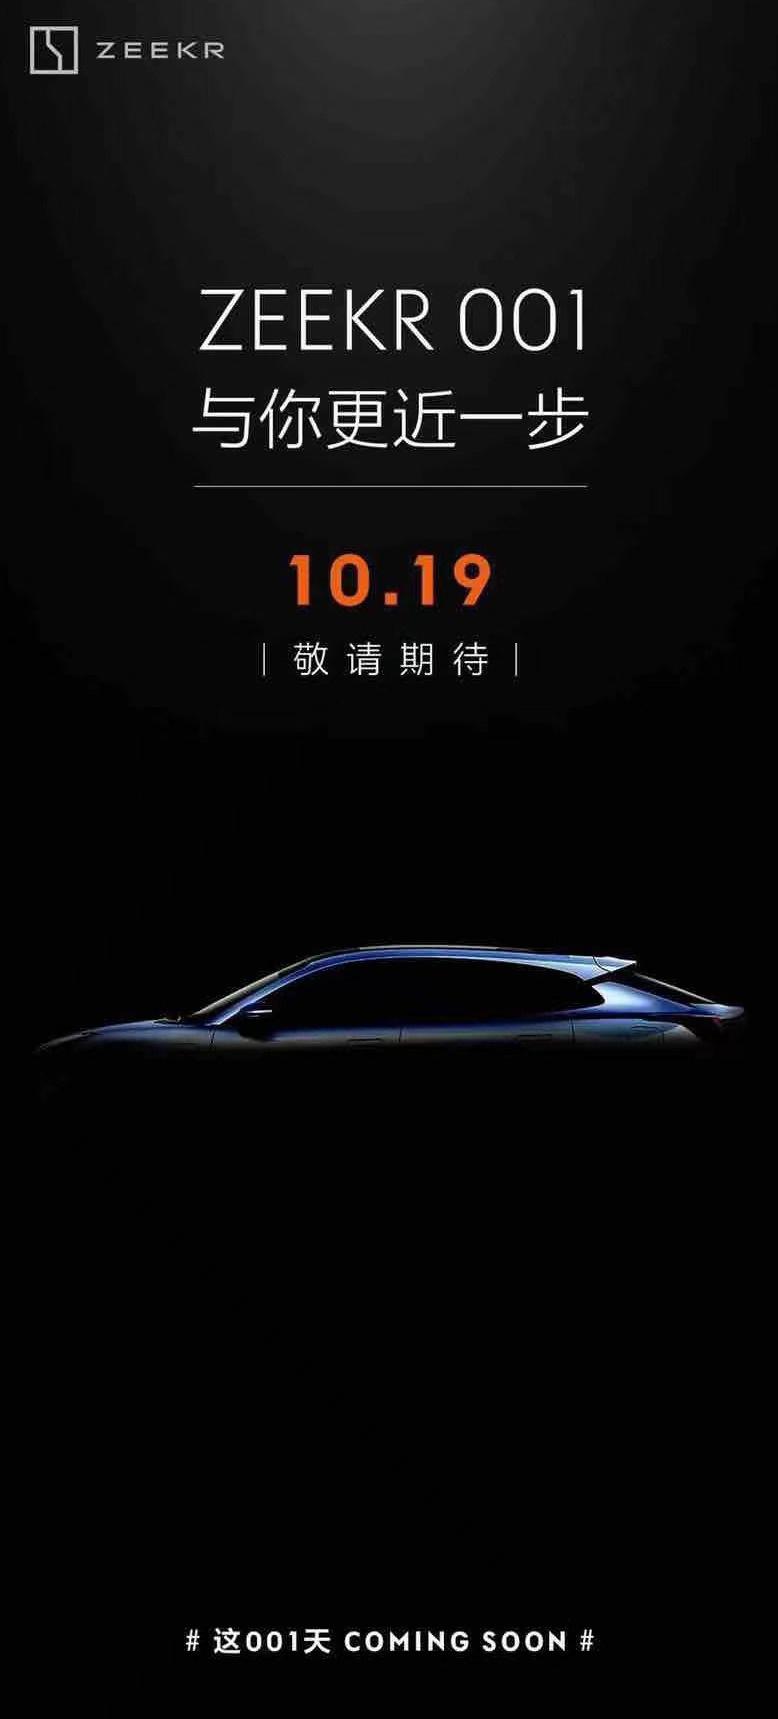 极氪 001 量产车下线,10 月 23 日开启交付